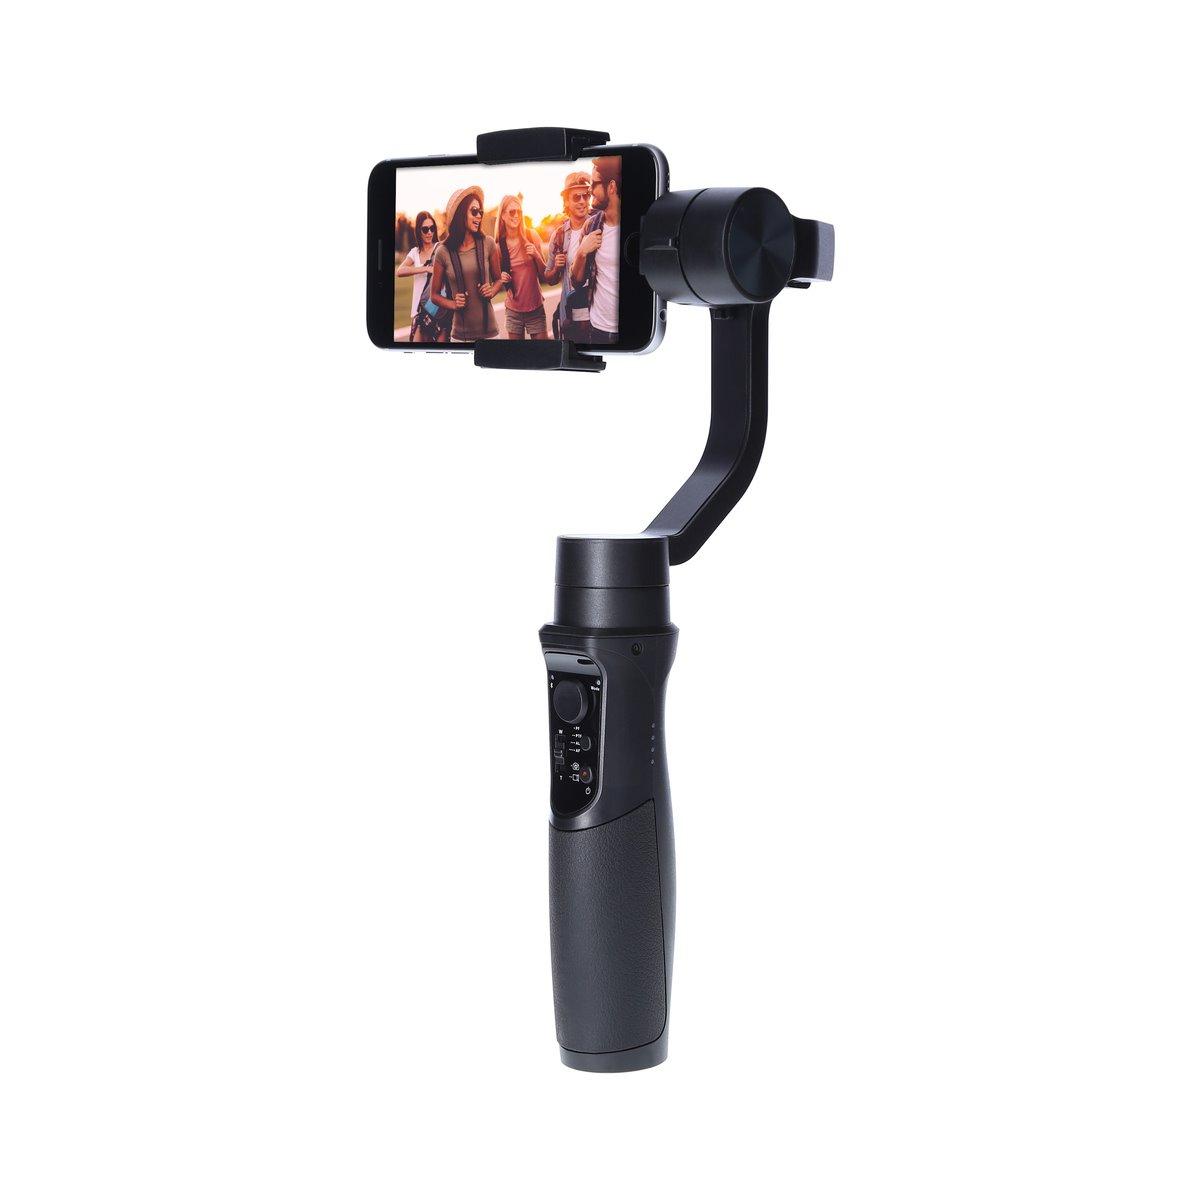 Rollei Steady Butler Mobile/ Elektronický stabilizátor pro mobilní telefony